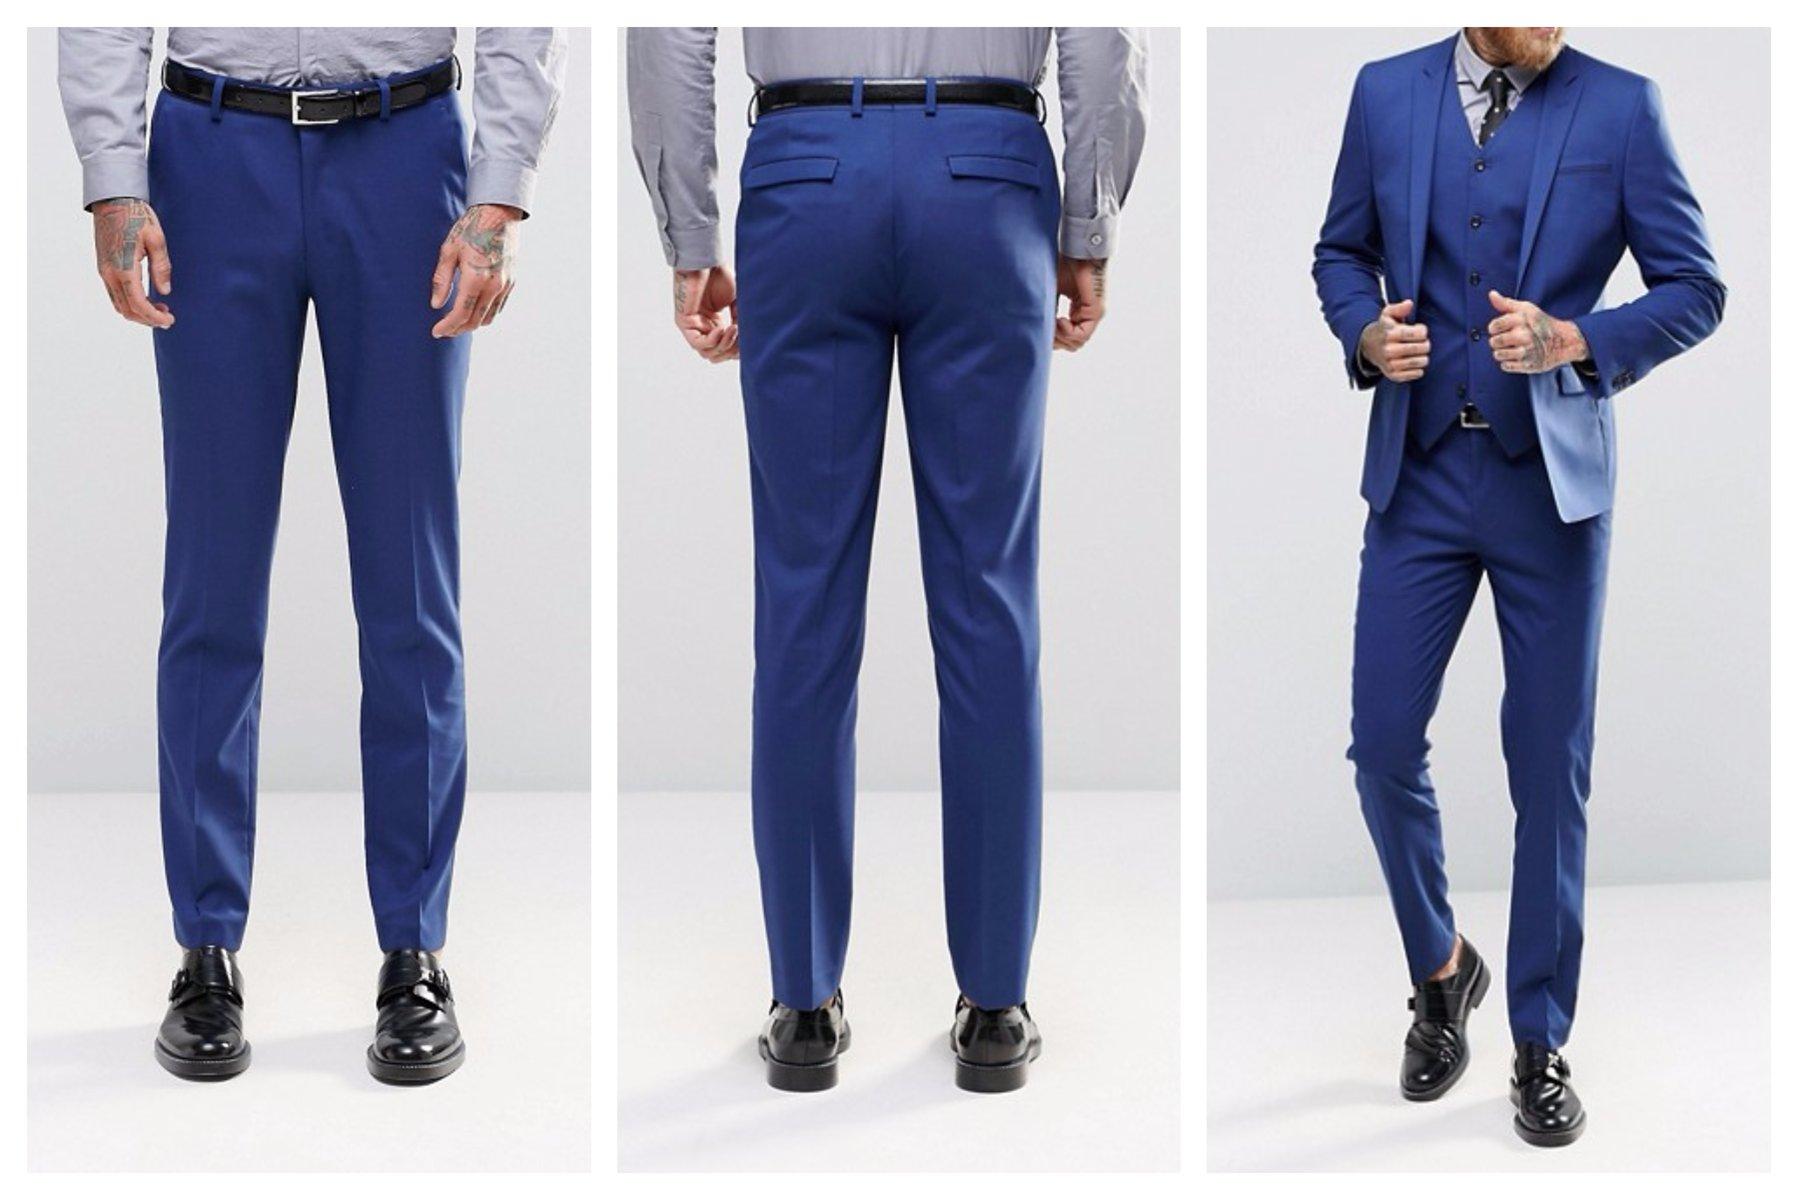 mo19 spodnie eleganckie niebieskie skinny W26 L30